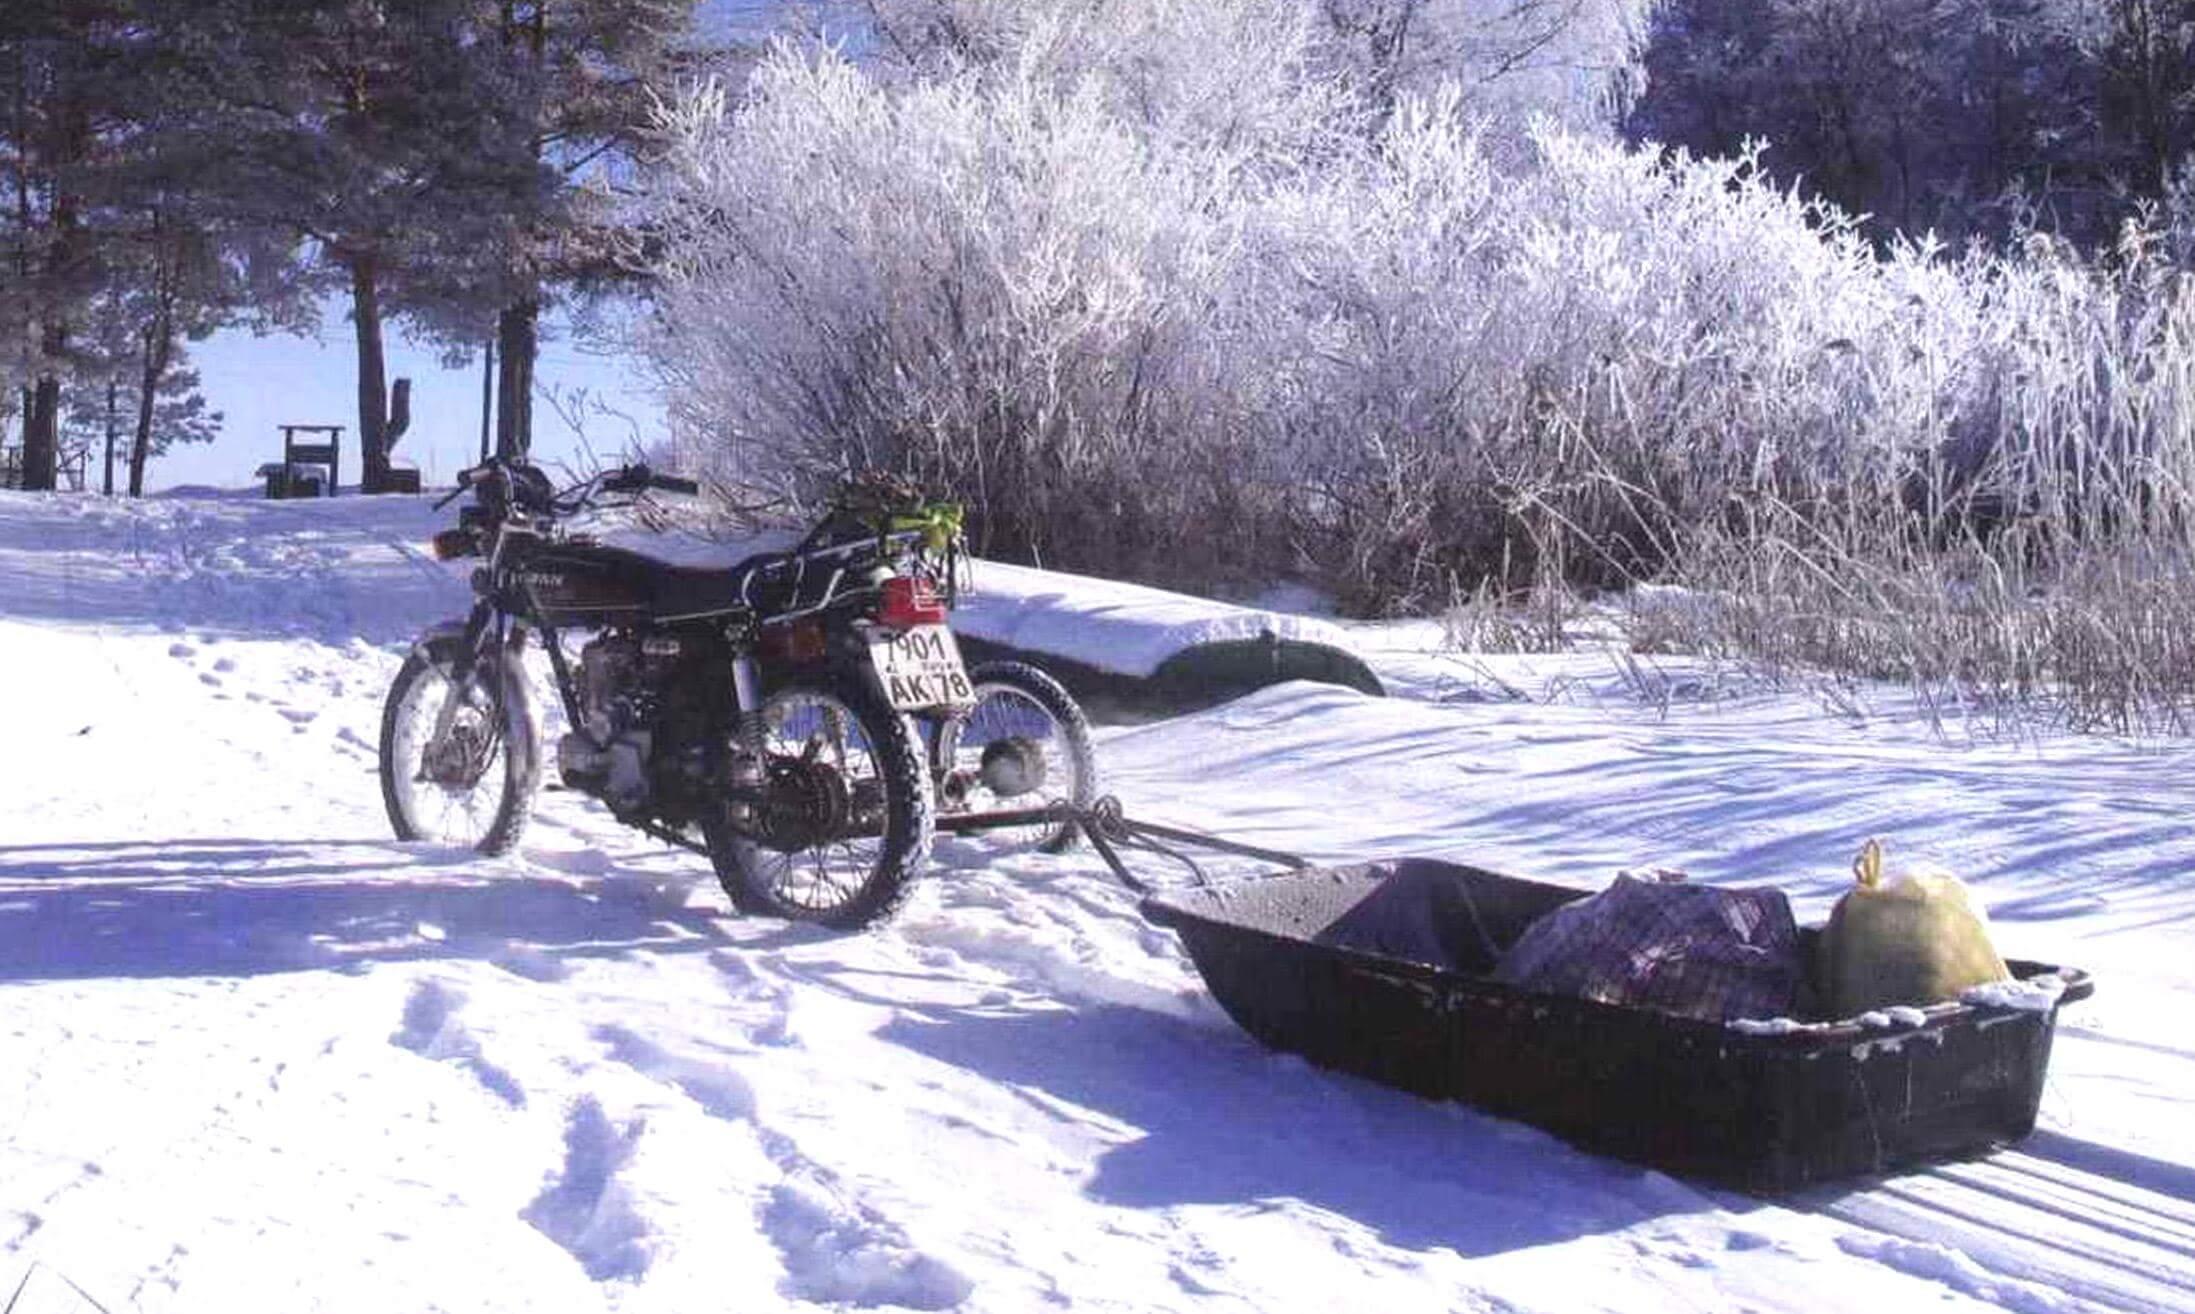 При необходимости к мотоциклу с «бегунком» можно прицепить сани-волокуши